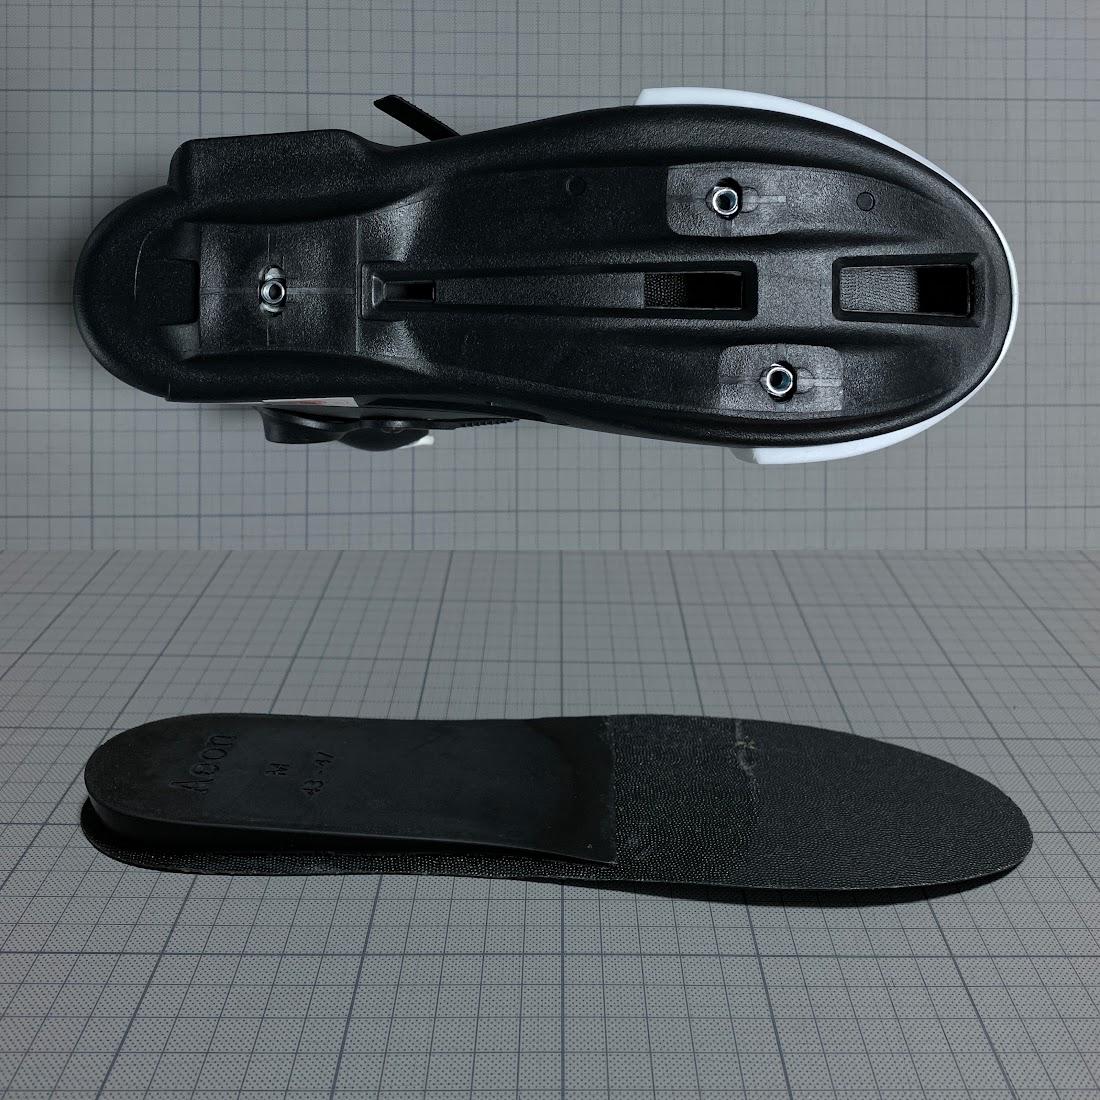 写真2 上:ソールの下 下:ショック吸収材が付いているインナーブーツ下のパーツ